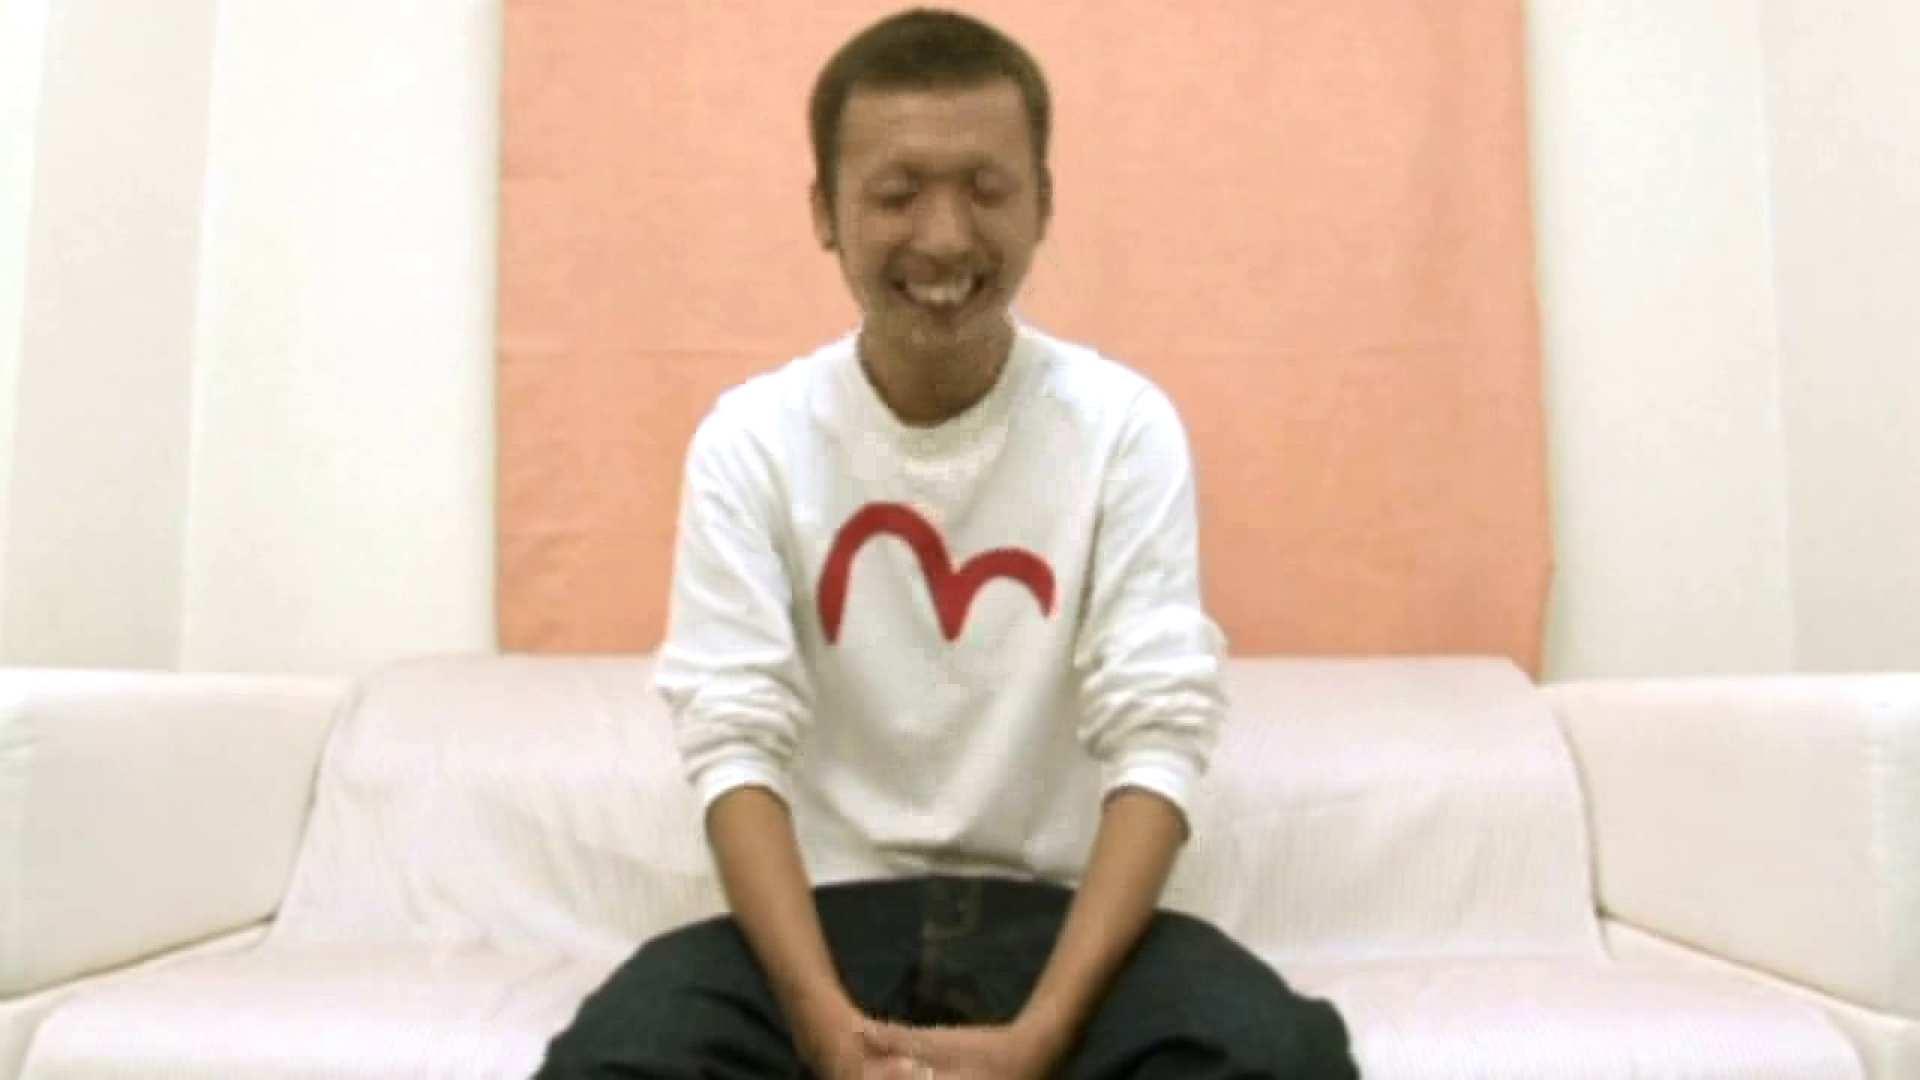 ノンケ!自慰スタジオ No.11 ノンケまつり ゲイアダルト画像 110枚 33